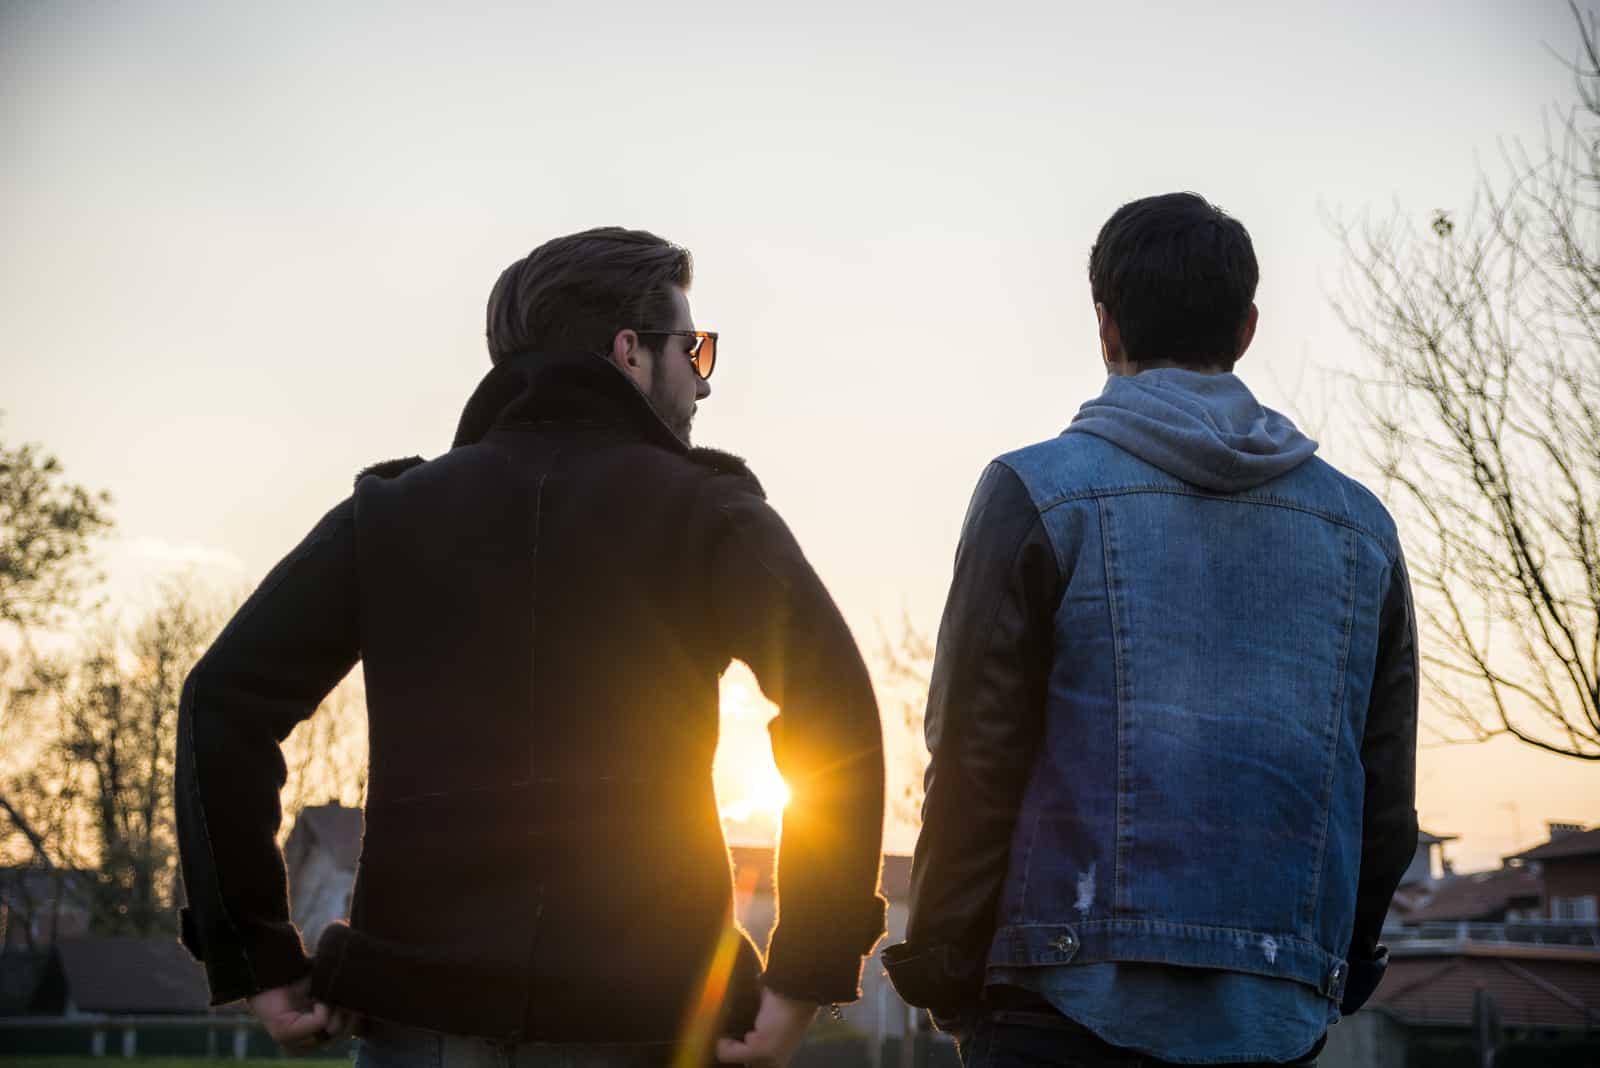 les deux hommes se tiennent le dos tourné et parlent